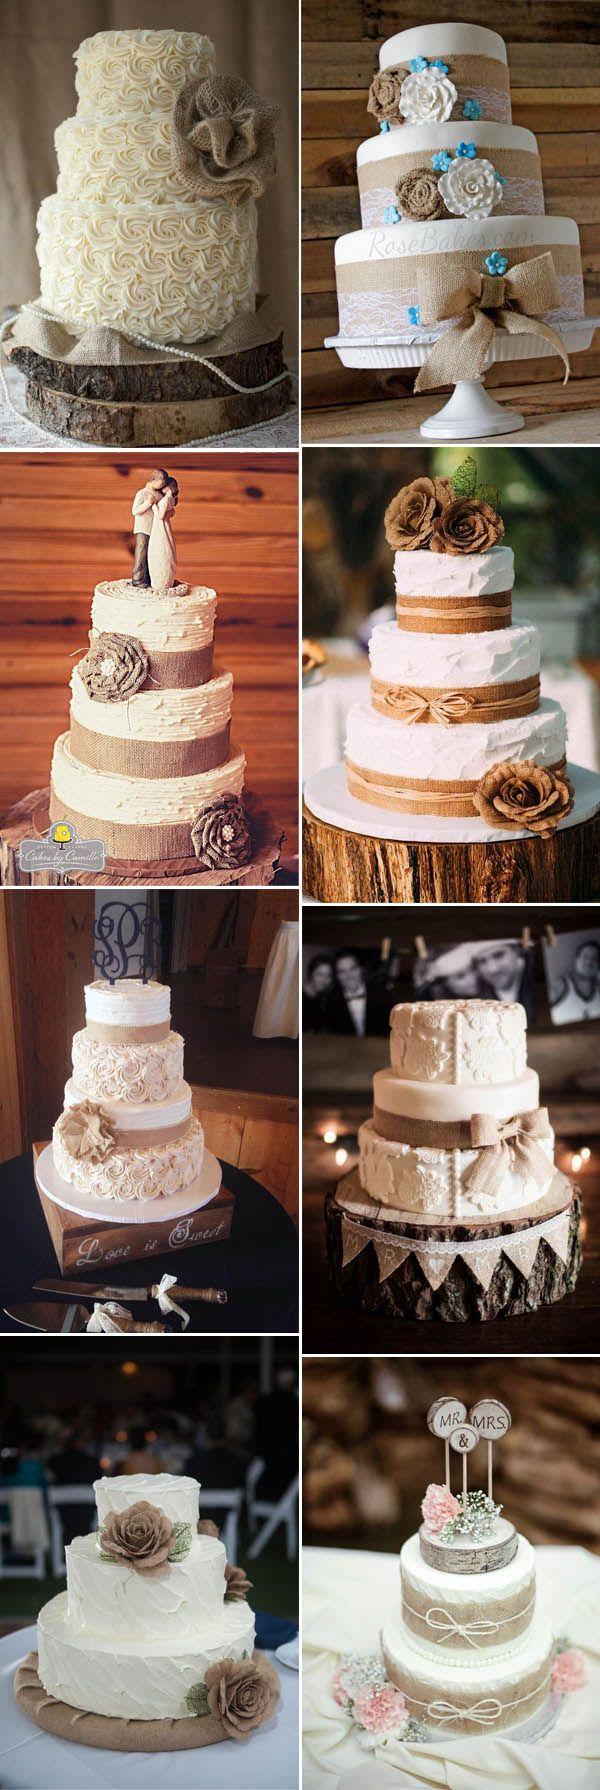 The Most Complete Burlap Rustic Wedding Ideas For Your Inspiration Elegantweddinginvites Com Blog Wedding Cake Rustic Simple Wedding Cake Country Wedding Cakes